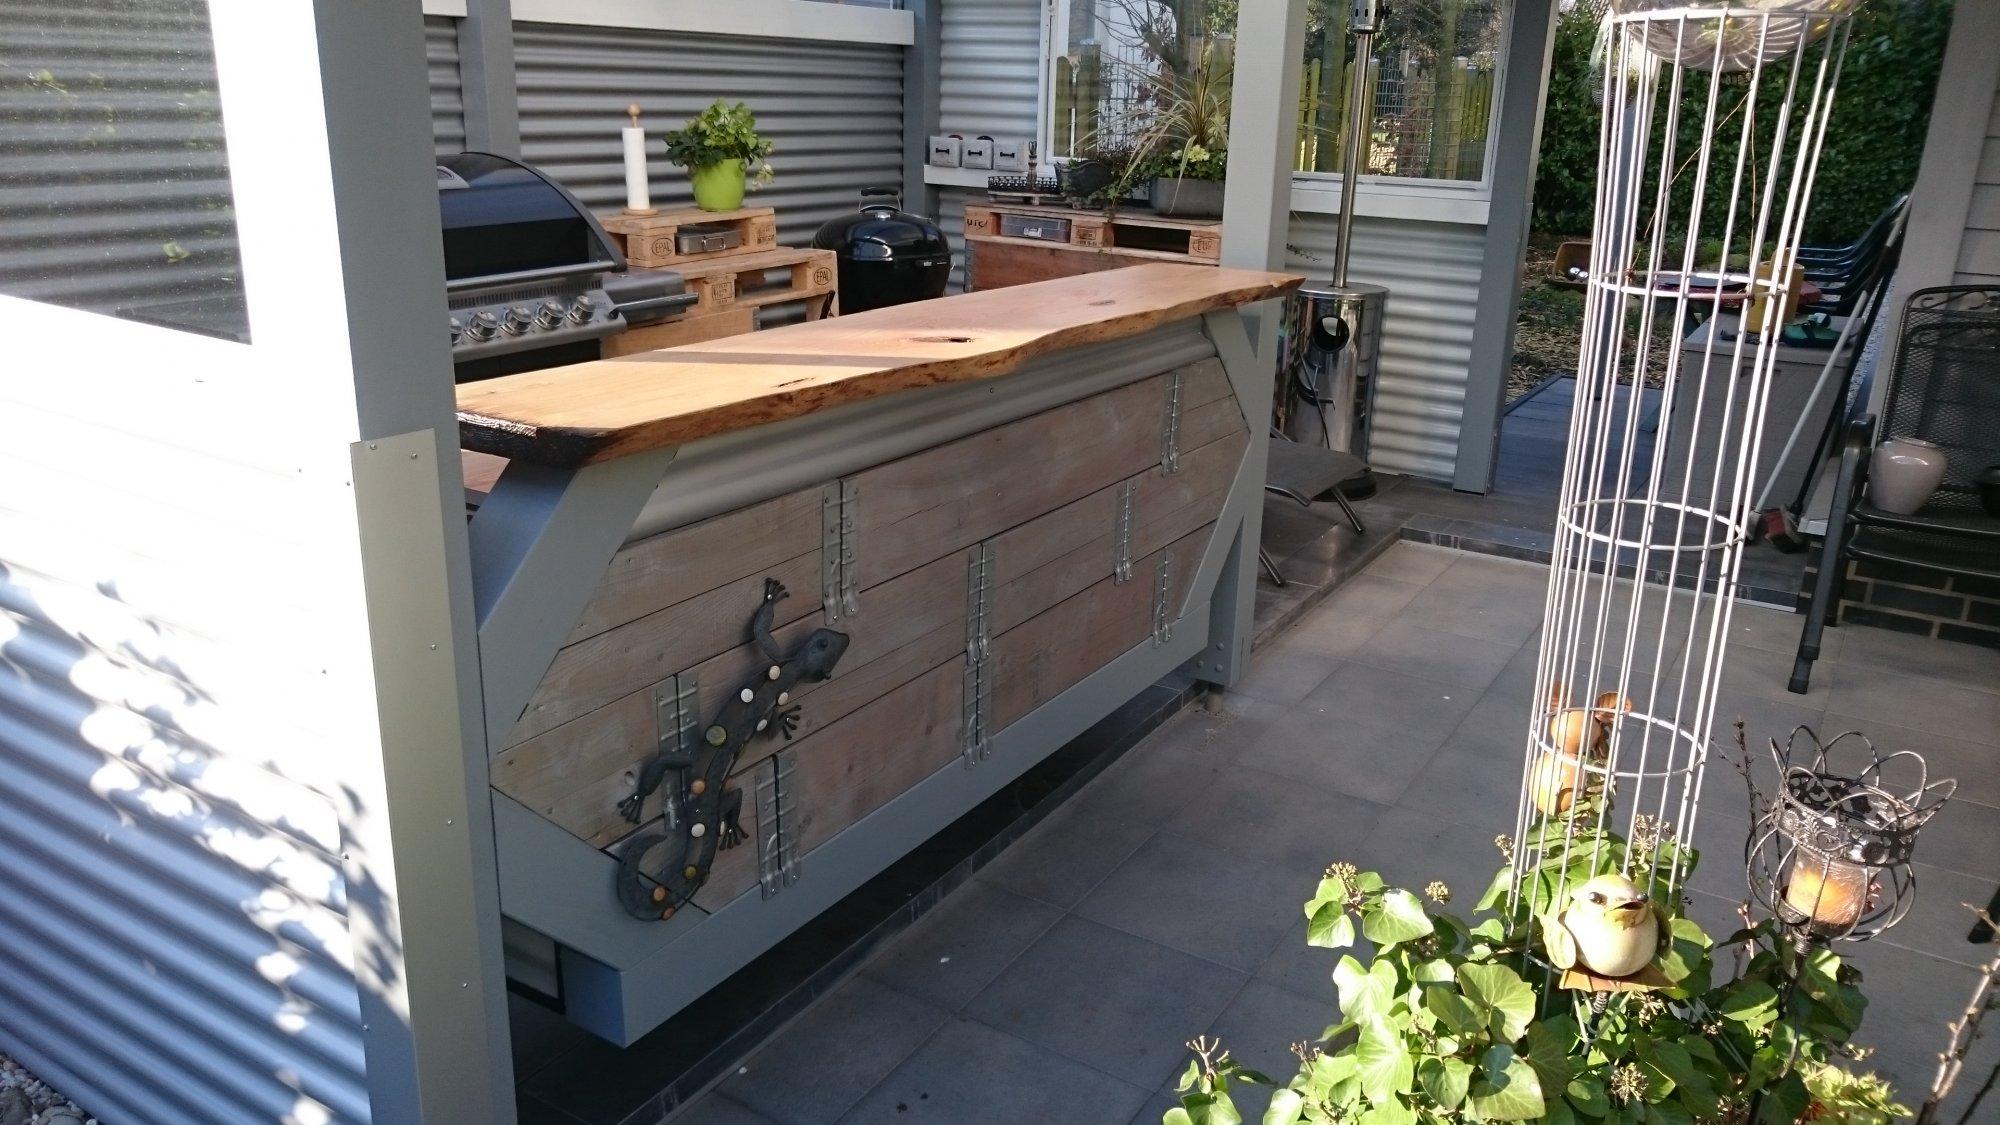 Outdoor kuche mit theke for Aussenkuchen module